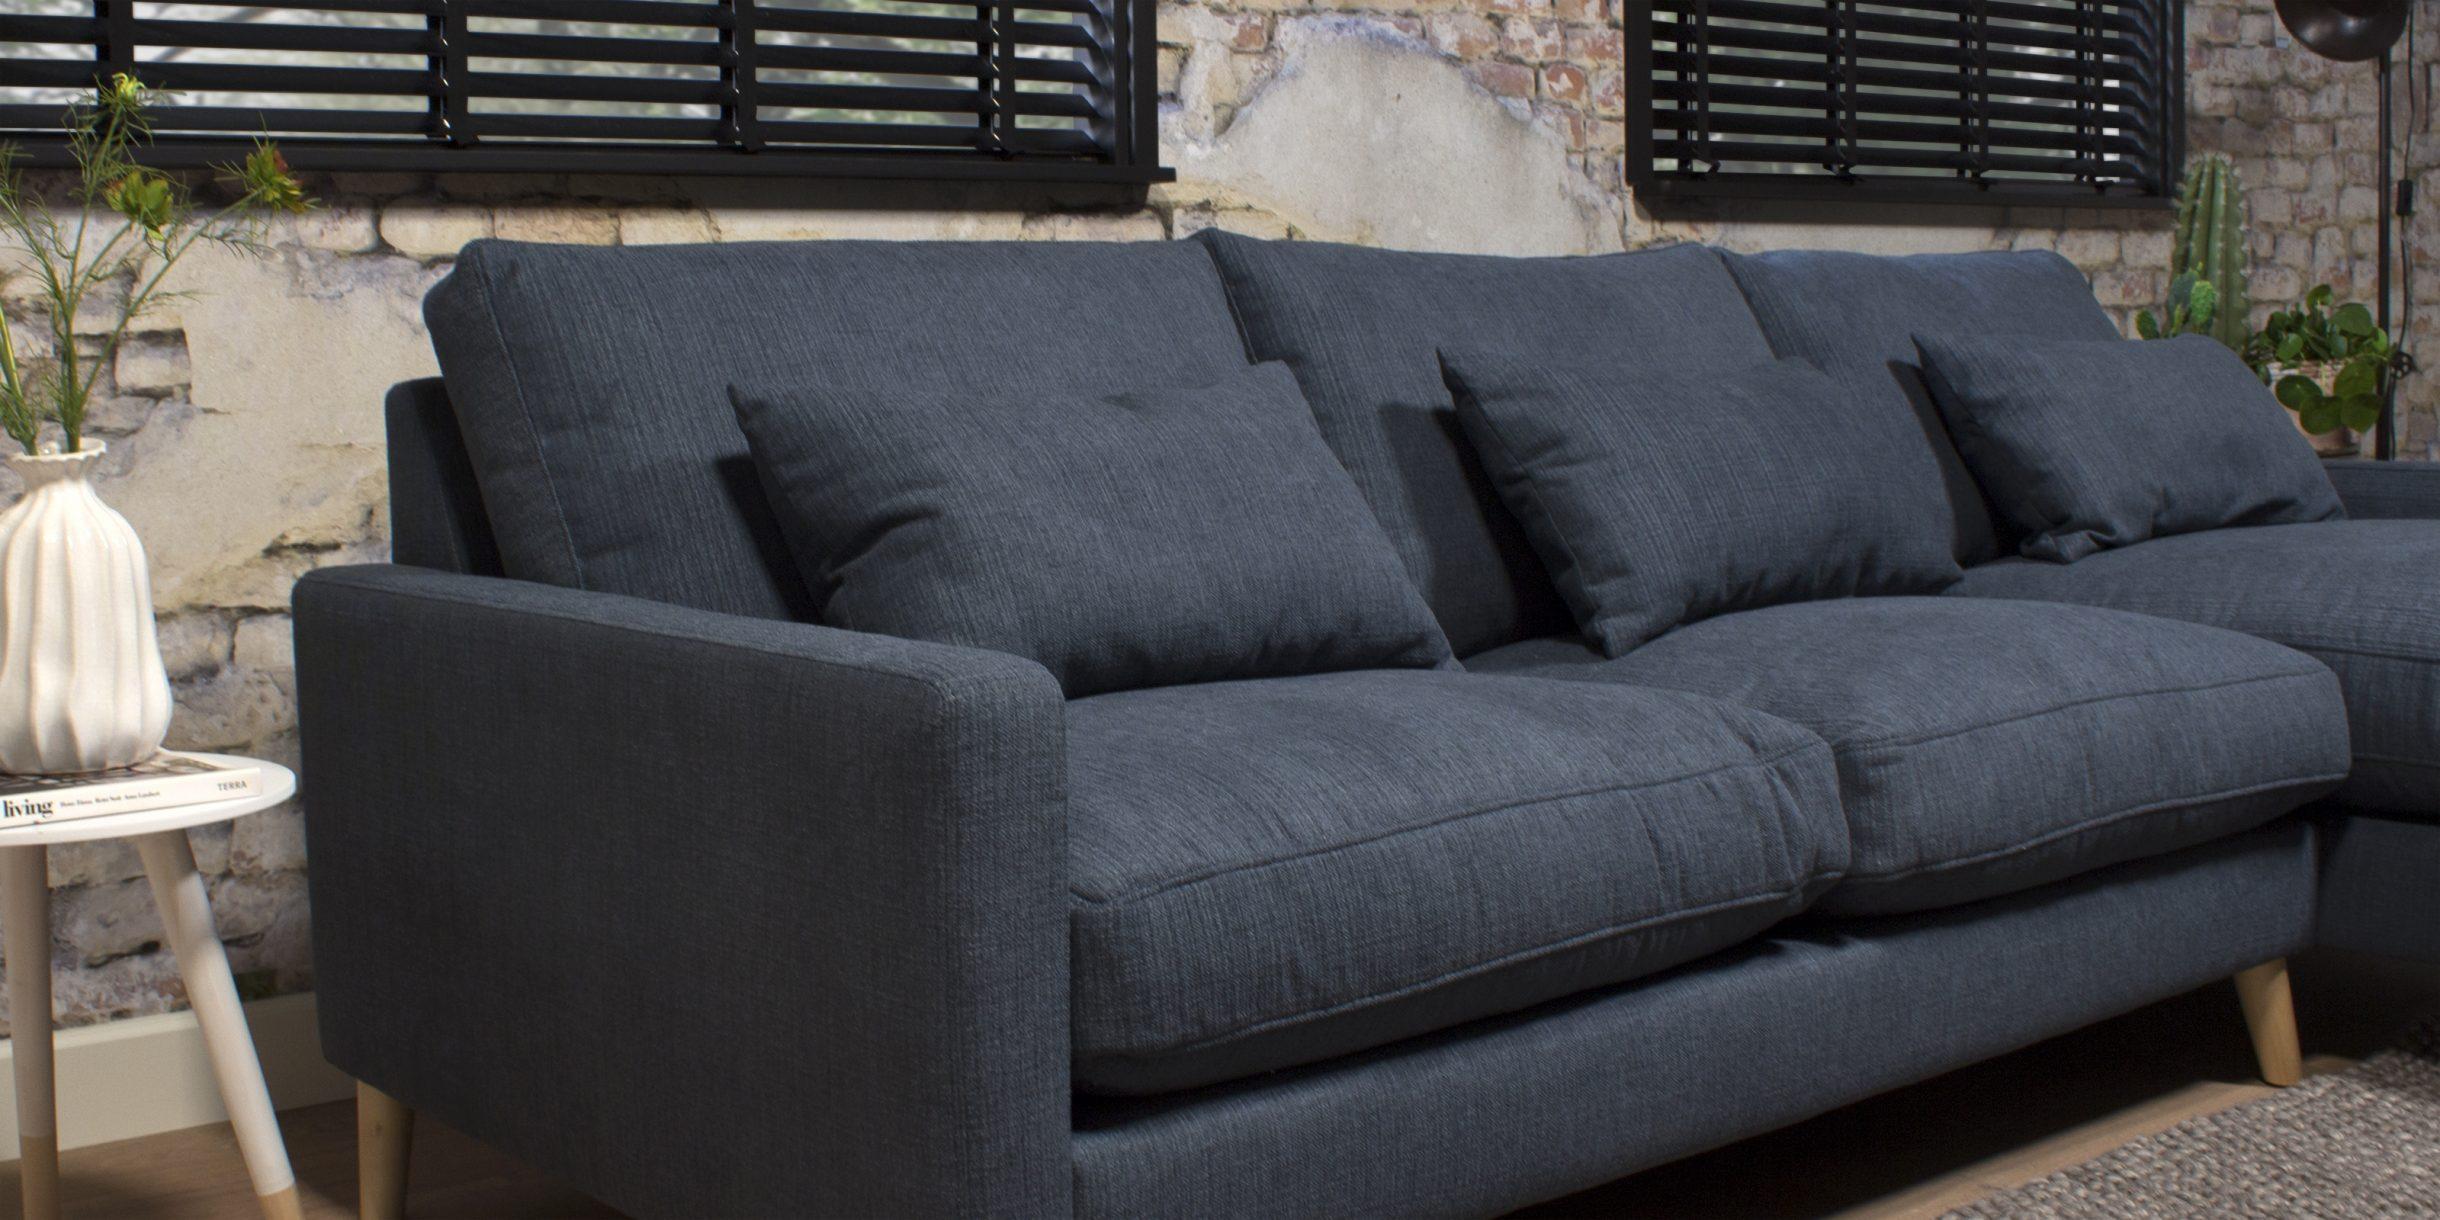 UrbanSofa Gino Loungebank detail